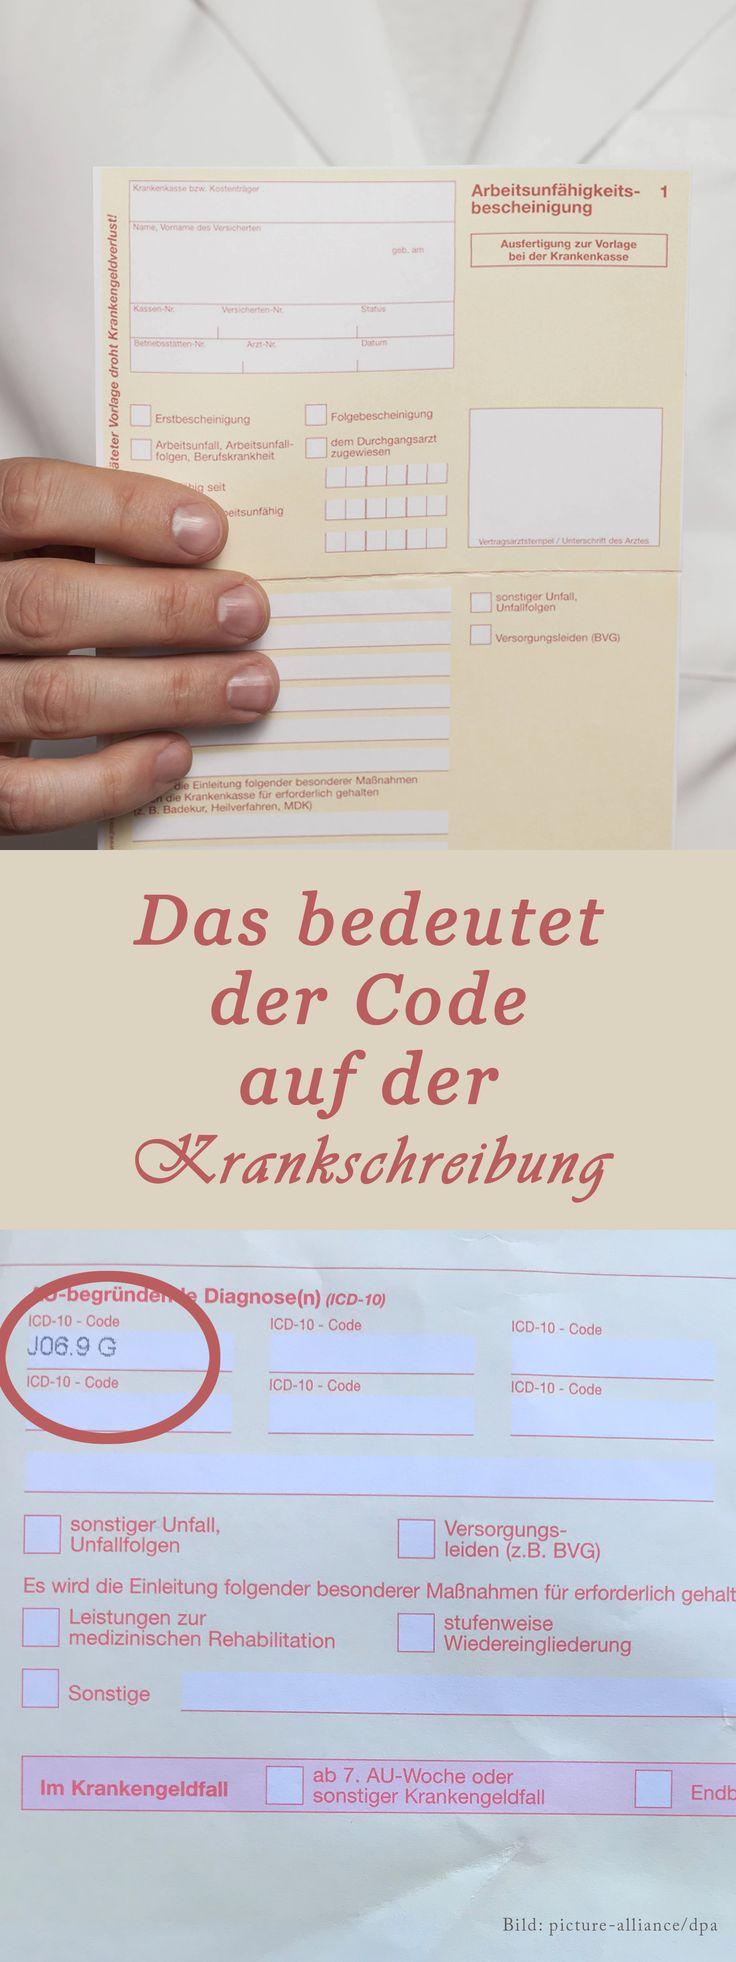 Diagnoseschlüssel: Das bedeutet der ICD-10 Code